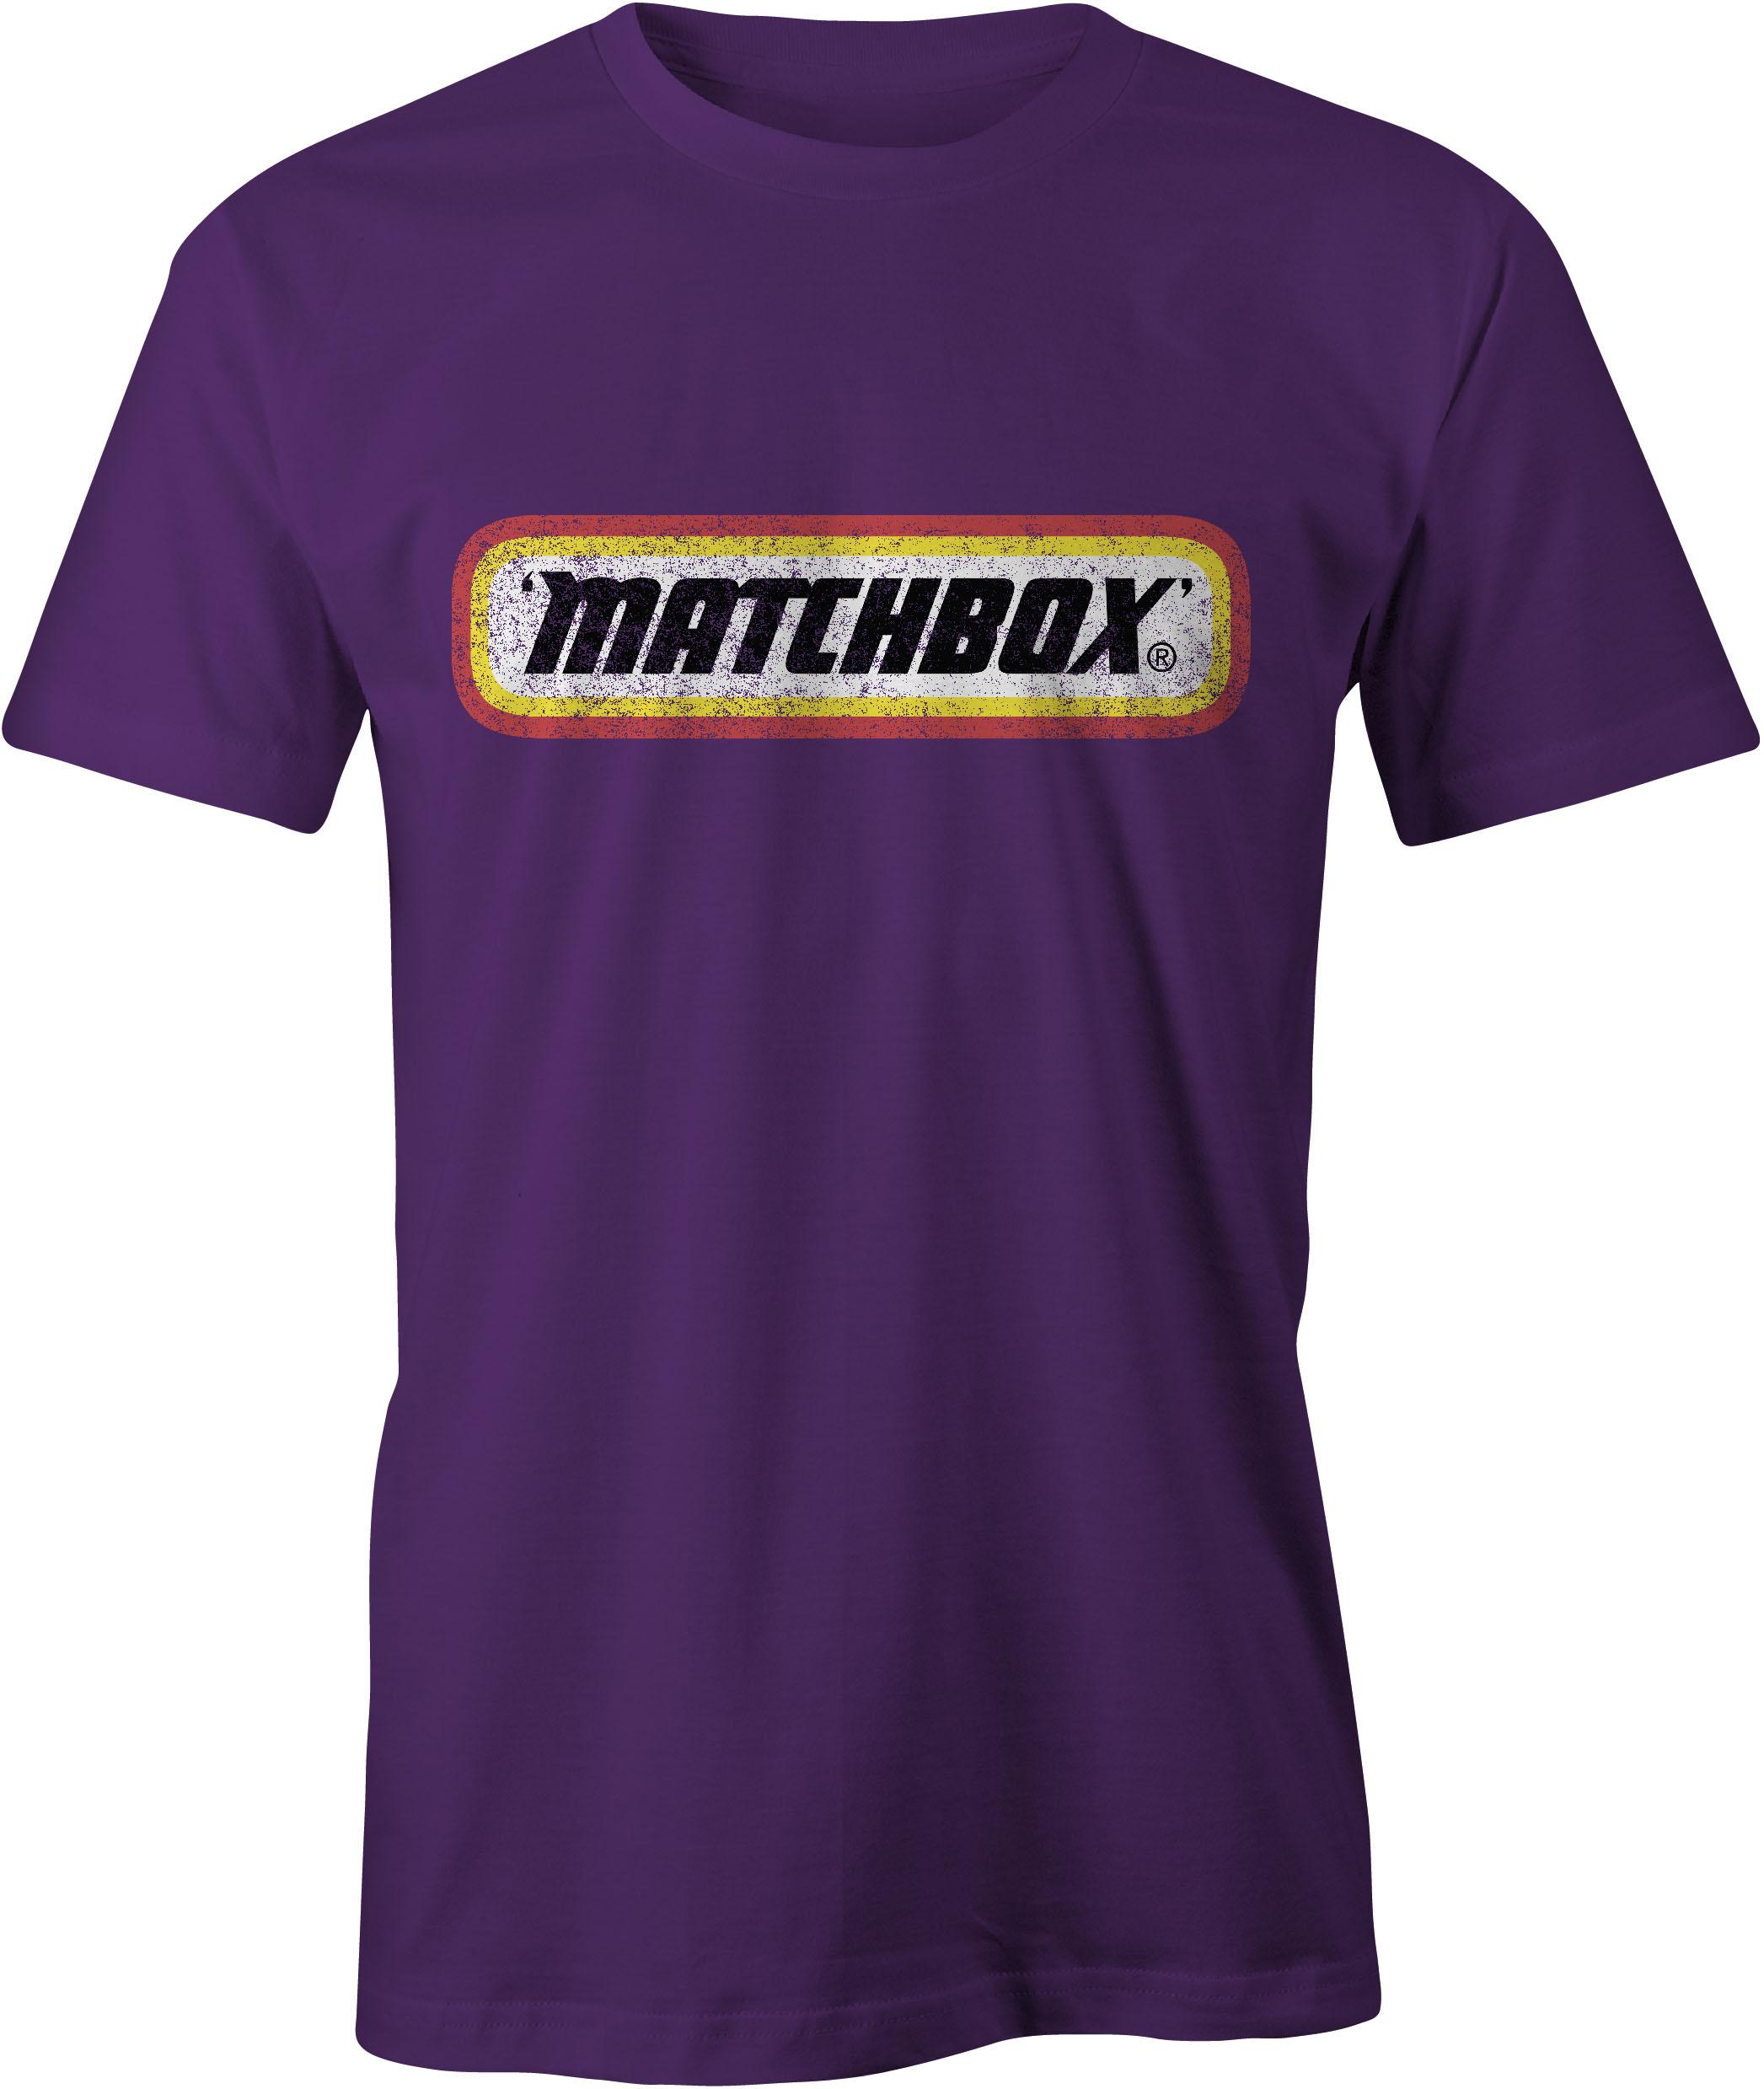 Matchbox T-Shirt Purple